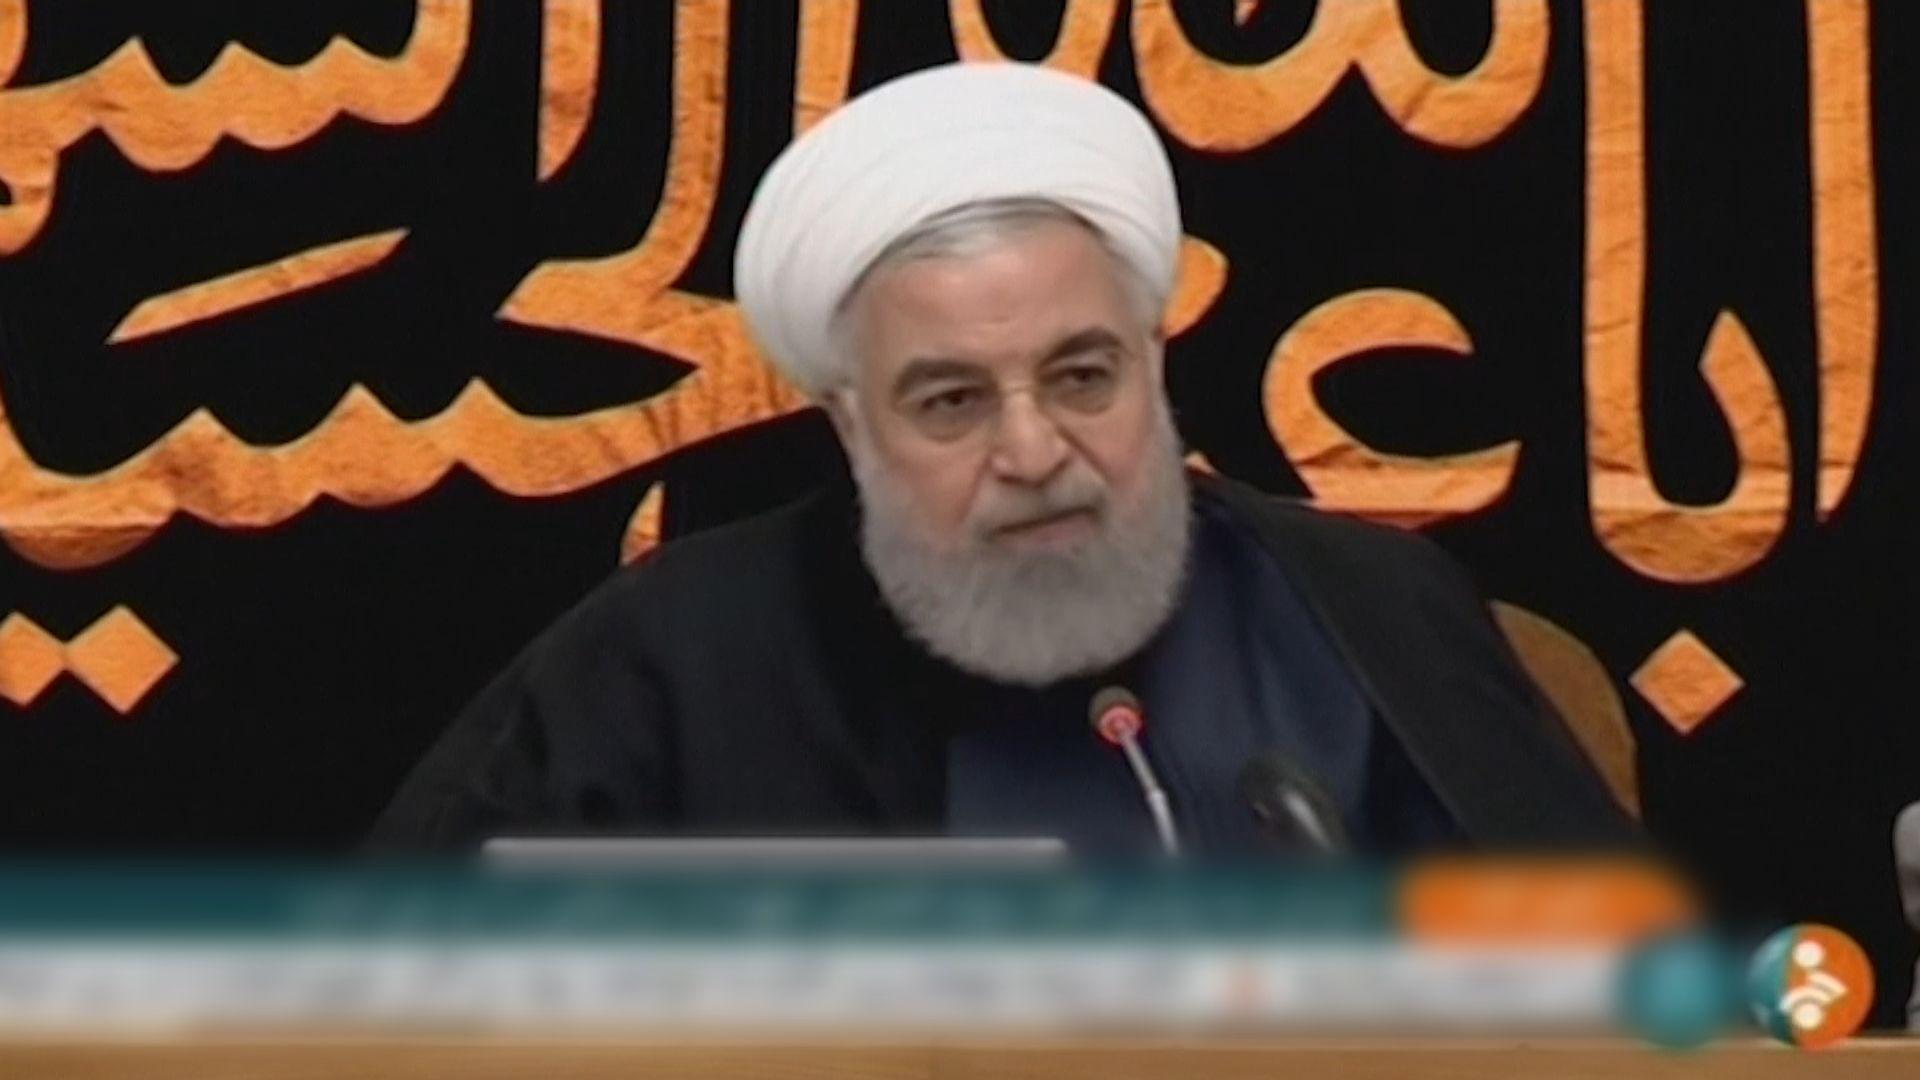 伊朗警告會進一步中止履行核協議條款